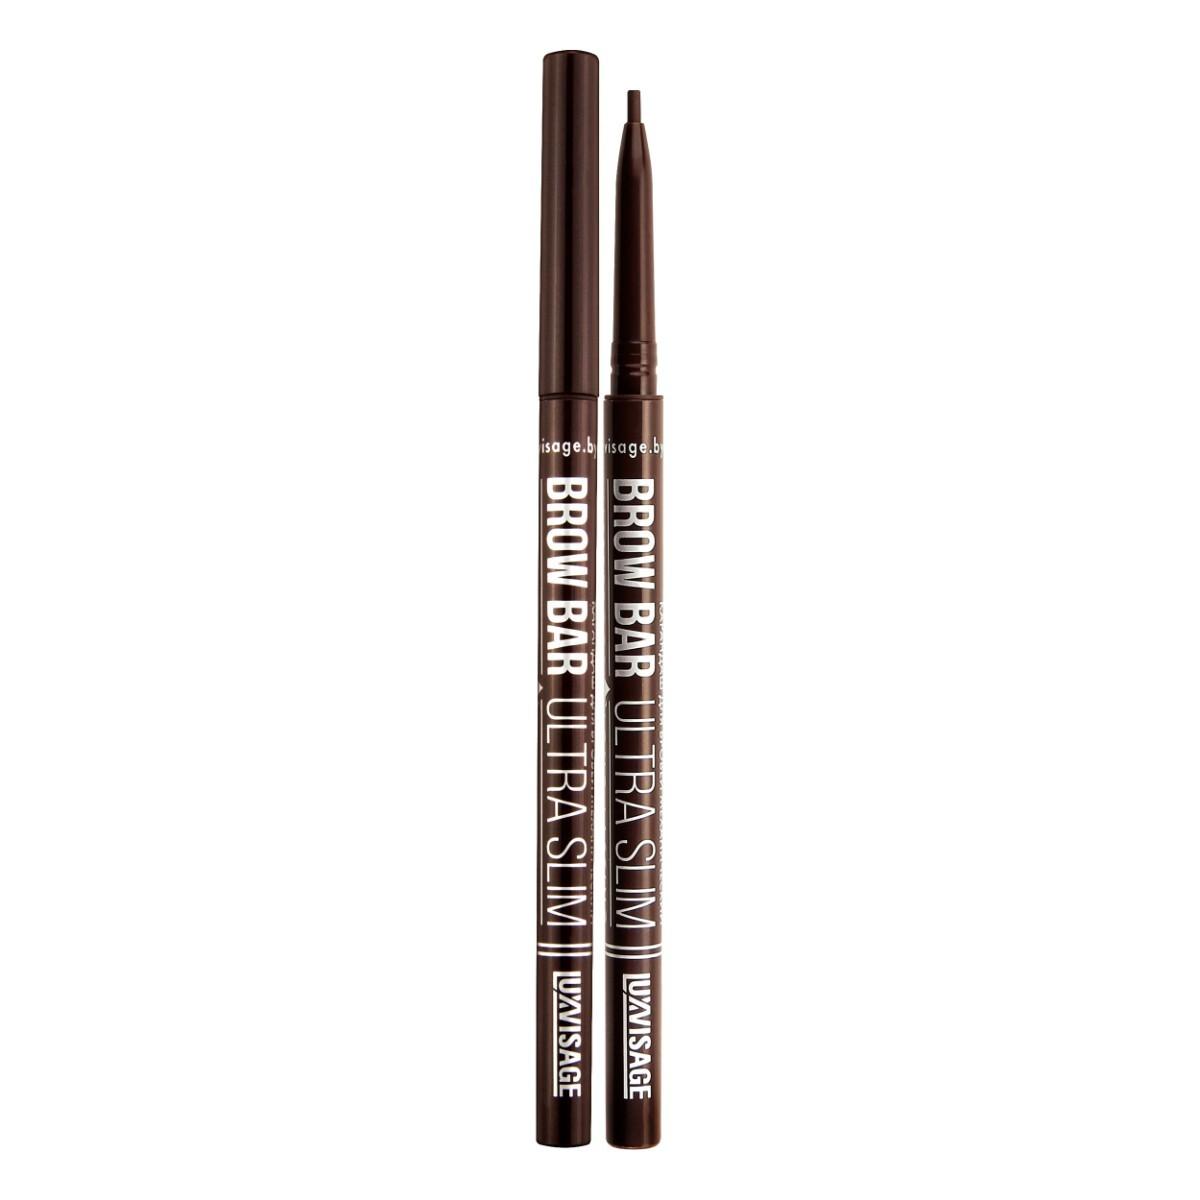 Купить Карандаш для бровей luxvisage brow bar ultra slim тон 304 chocolate, УЛЬТРАТОНКИЙ МЕХАНИЧЕСКИЙ КАРАНДАШ ДЛЯ БРОВЕЙ BROW BAR ULTRA SLIM